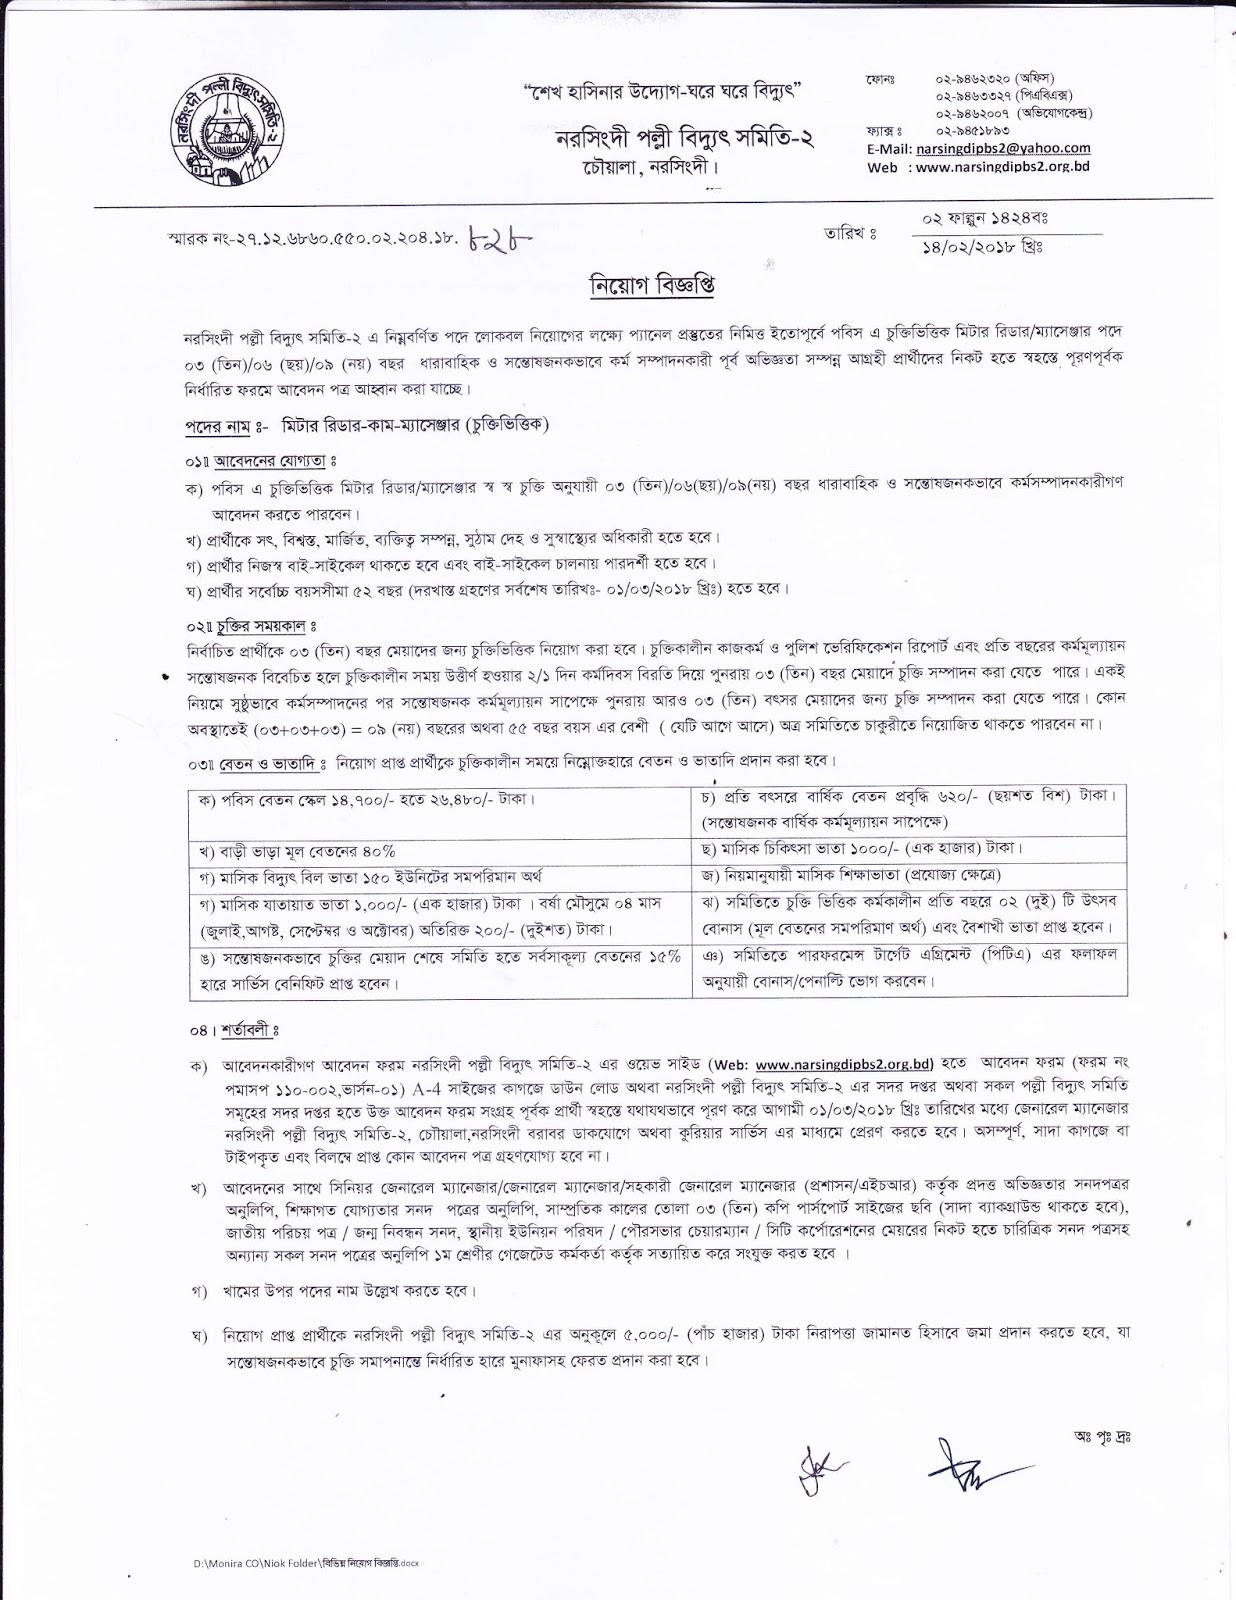 Narsingdi Palli Bidyut Samity-2 Job Circular 2018